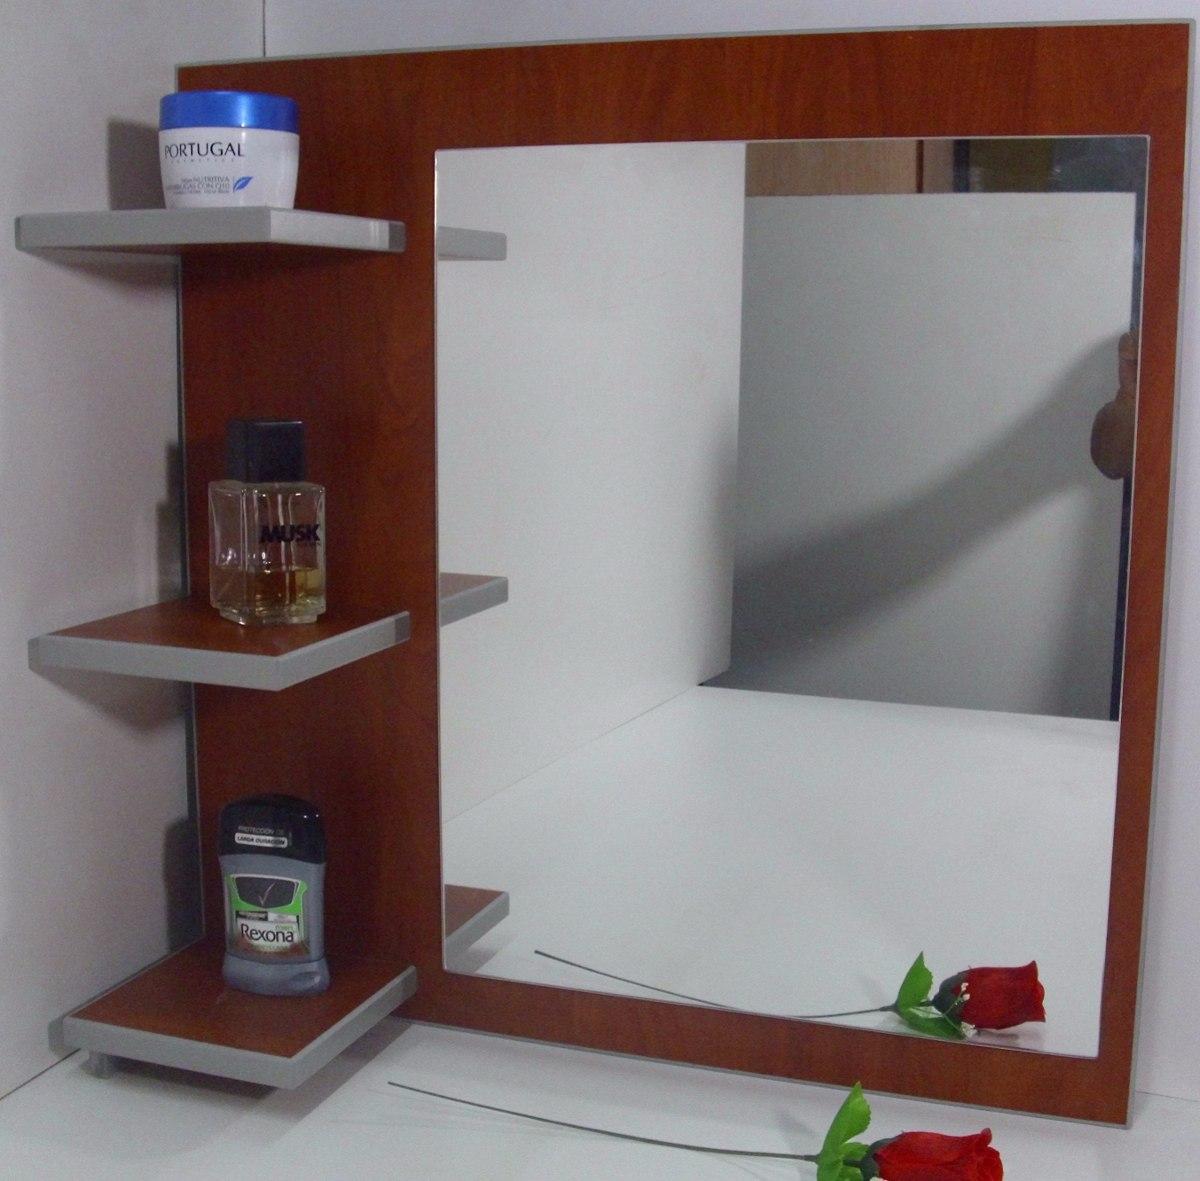 Espejo repisa ba o habitacion melamina oferta cr 10 for Precio de espejos de pared